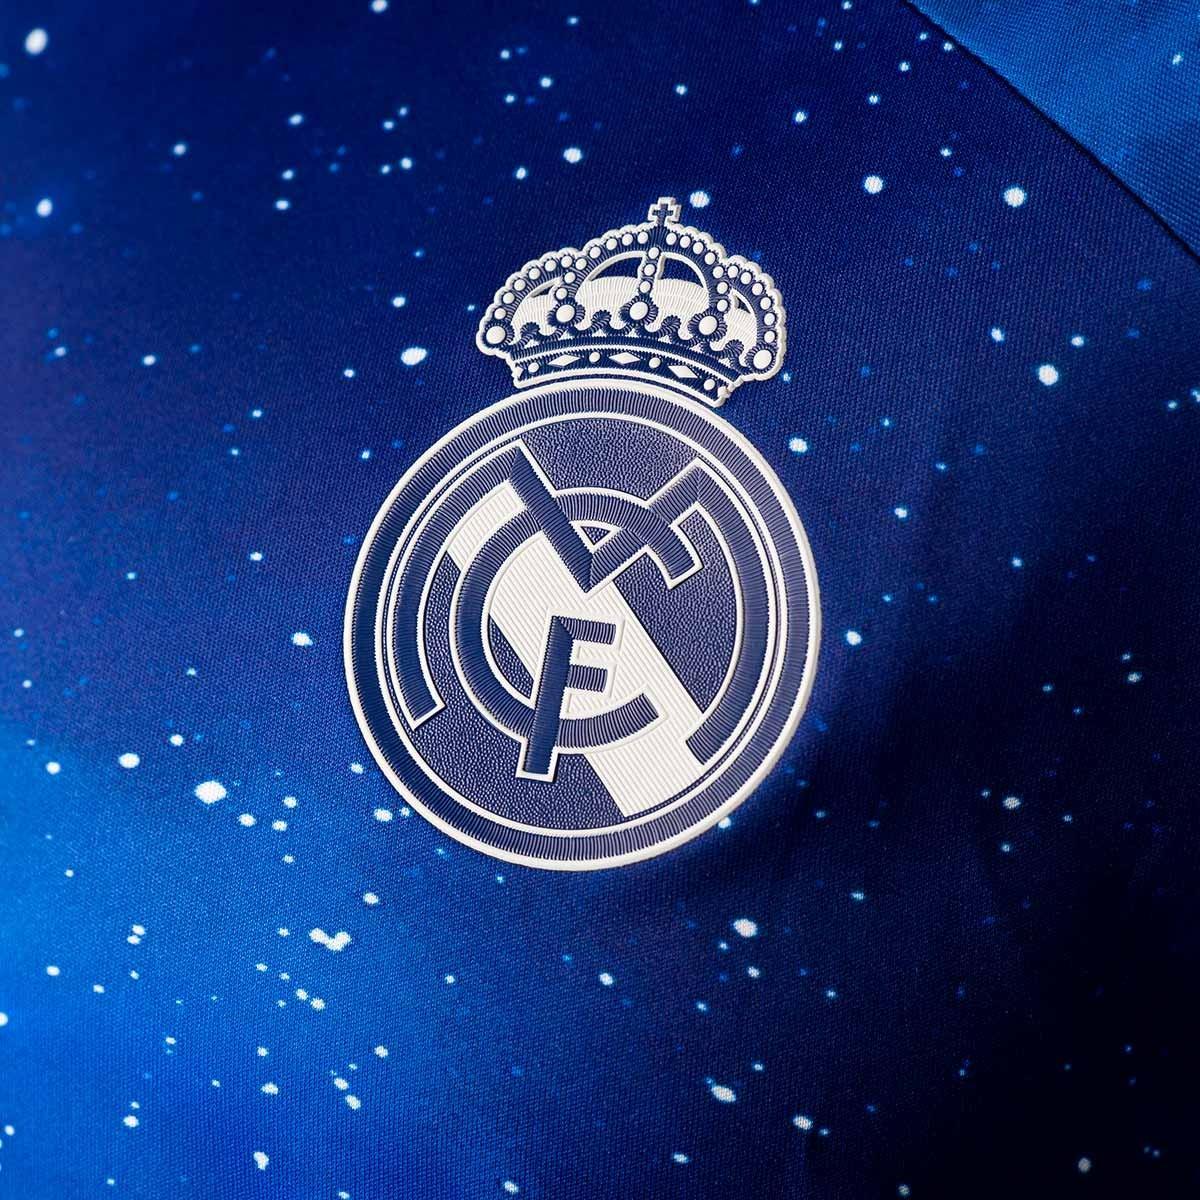 b19294ce517e3 Jersey adidas Real Madrid EA 2018-2019 Blue - Tienda de fútbol Fútbol  Emotion